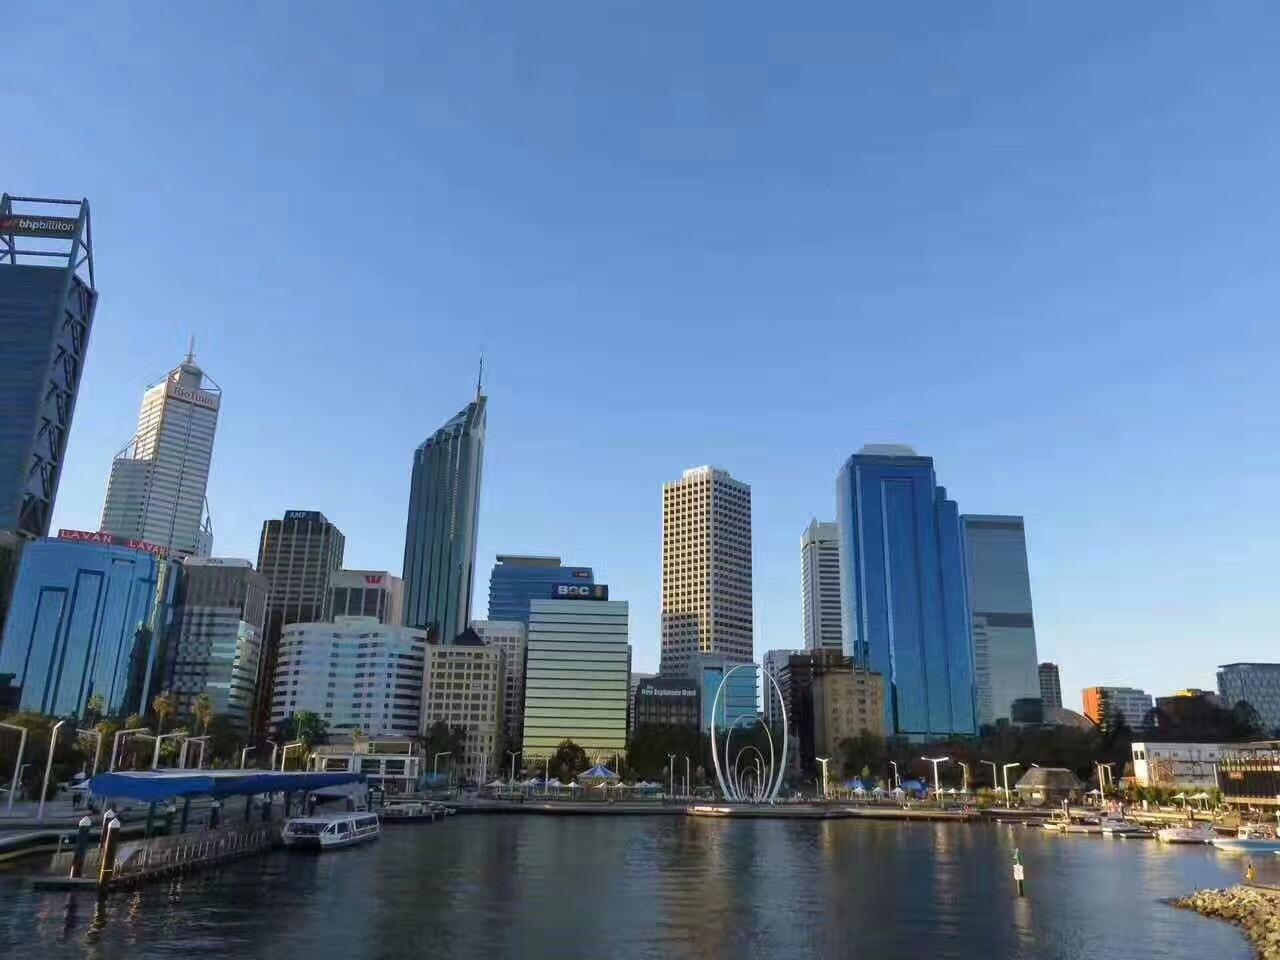 西澳州政府新政:欢迎更多的国际学生来珀斯留学生活